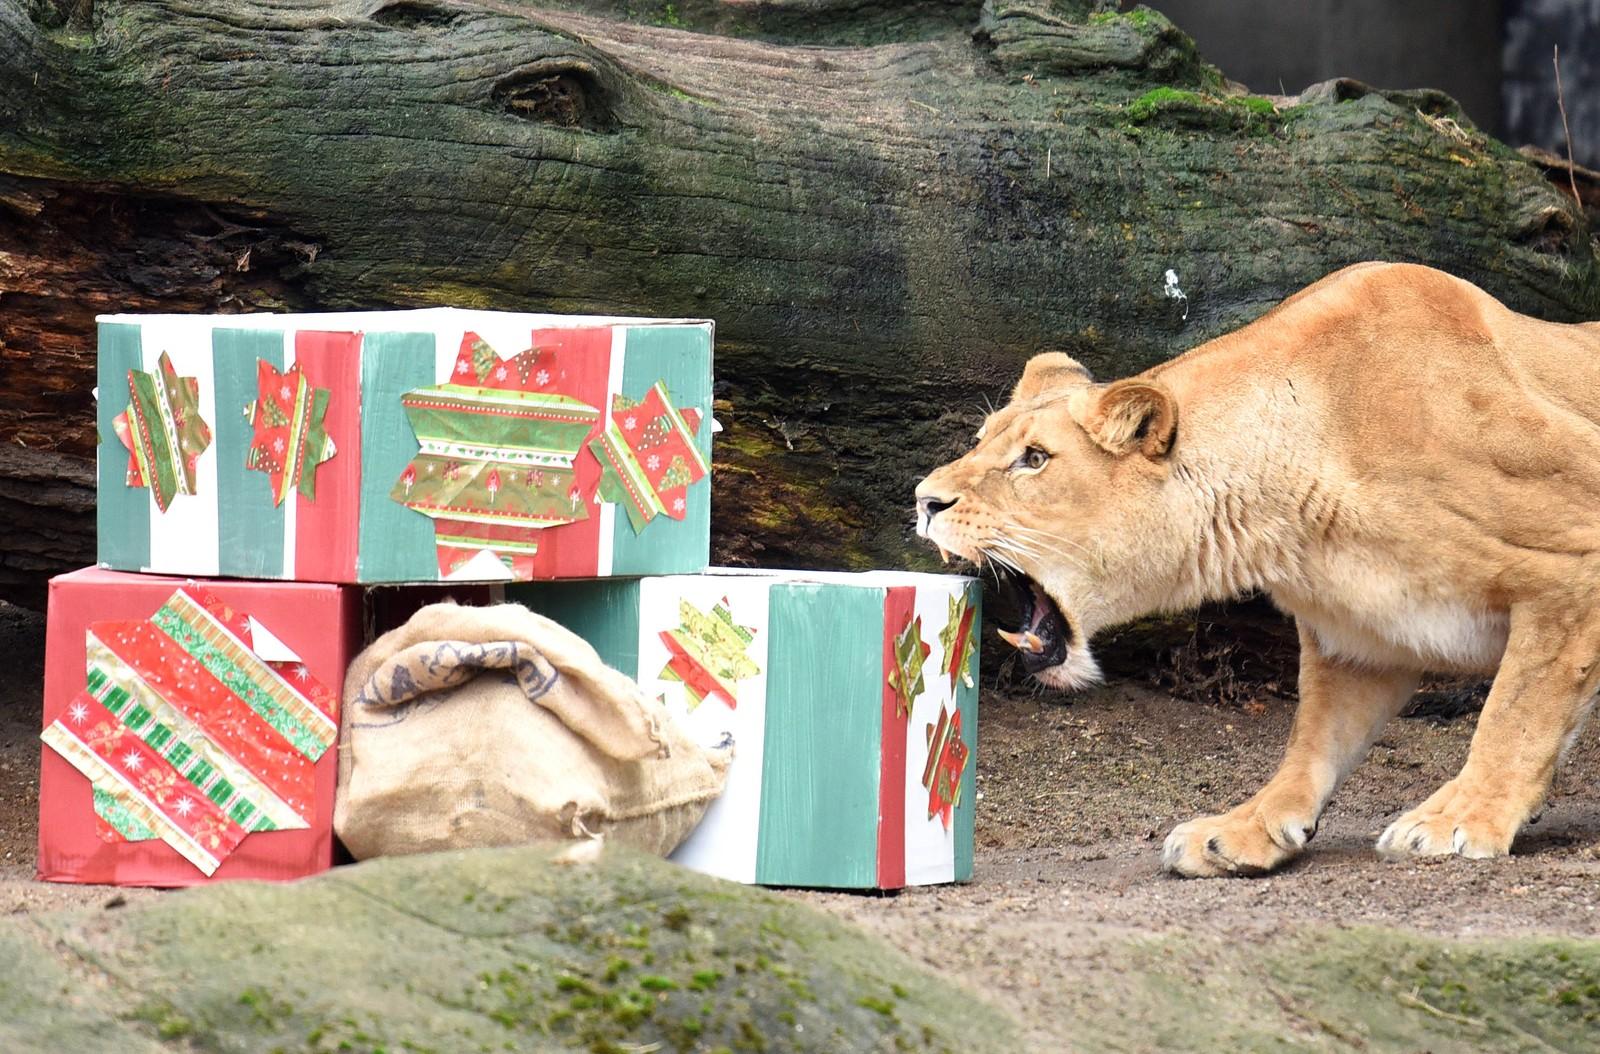 En utålmodig løvinne åpner julegavene allerede lille julaften. Bildet er tatt i dyreparken Hagenbeck i Hamburg i Tyskland.